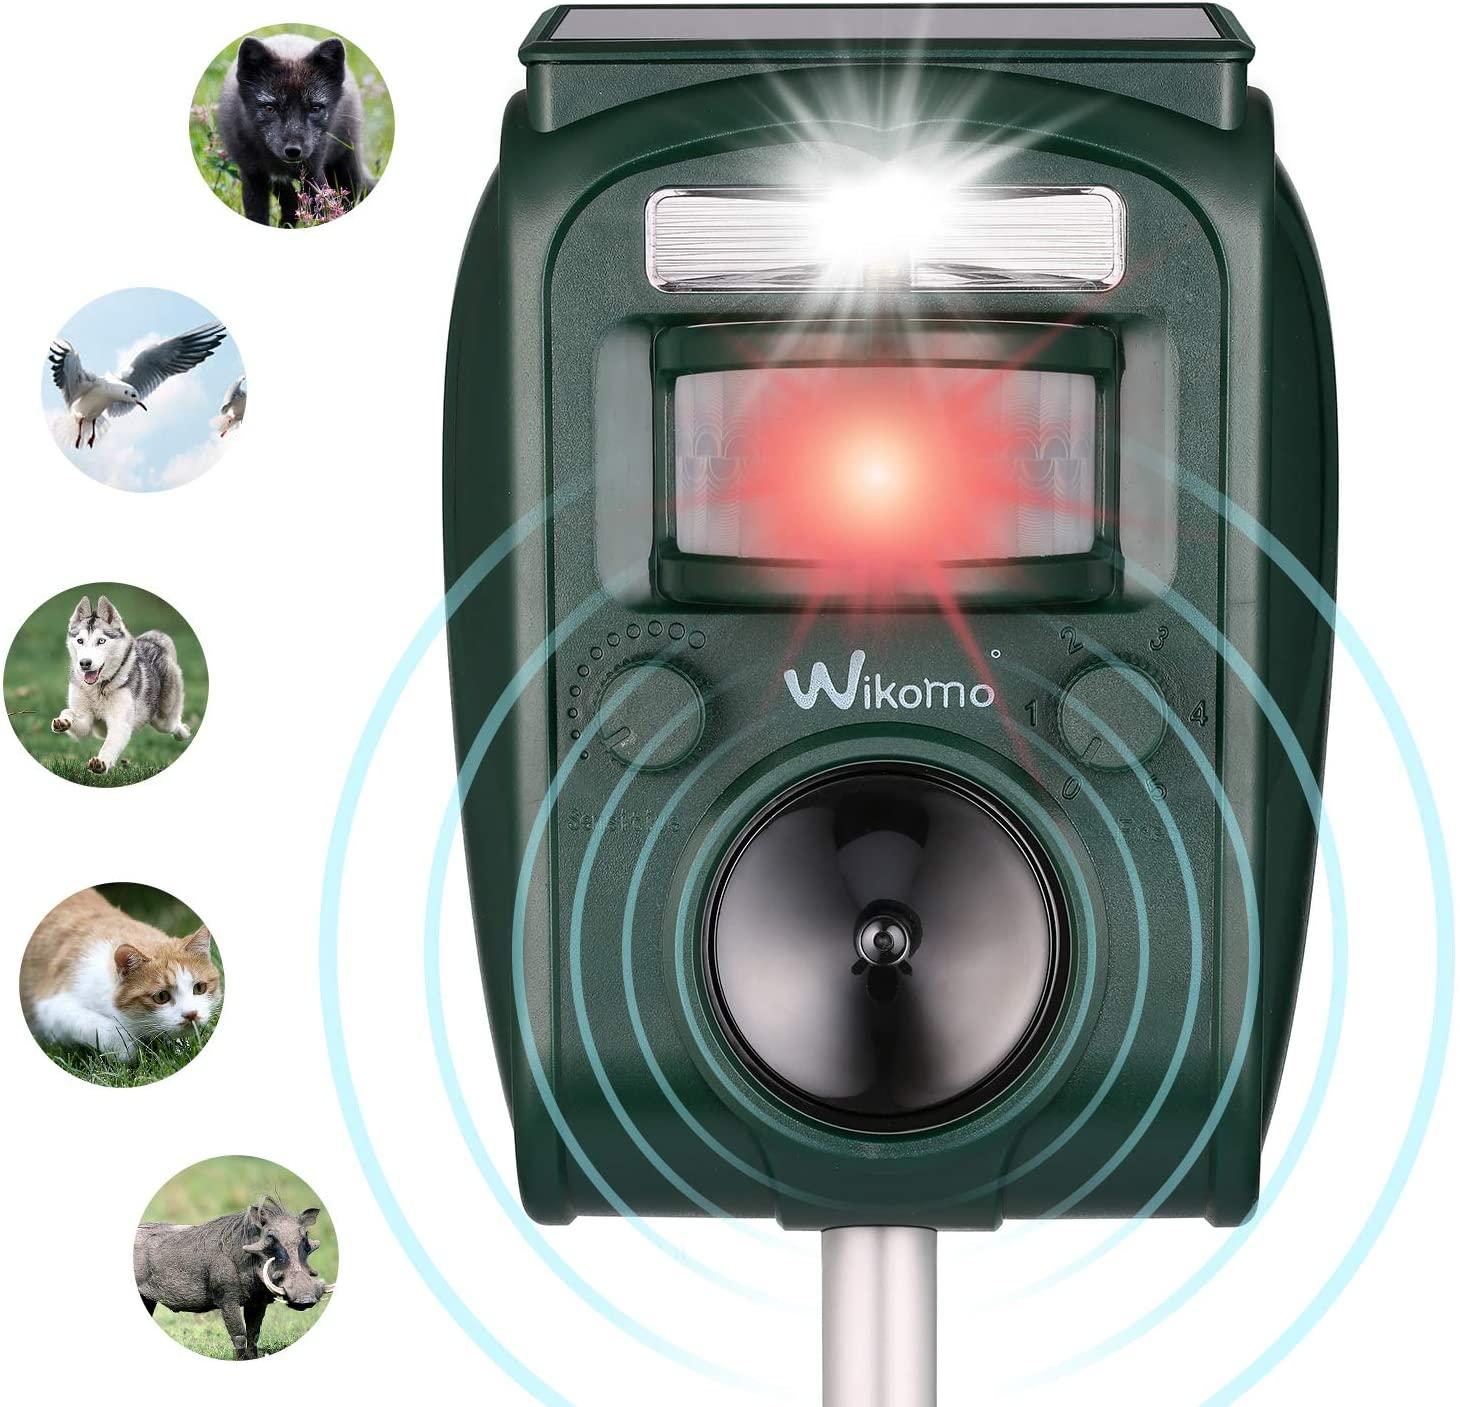 Alarme Exterieur Pour Jardin Beau Répulsif Chat Ultrason solaire Repulsif Chat Exterieur Sensibilité Et Fréquence Réglable Ultrason Chat Pour Repousser Animaux Nuisibles Des écureuils